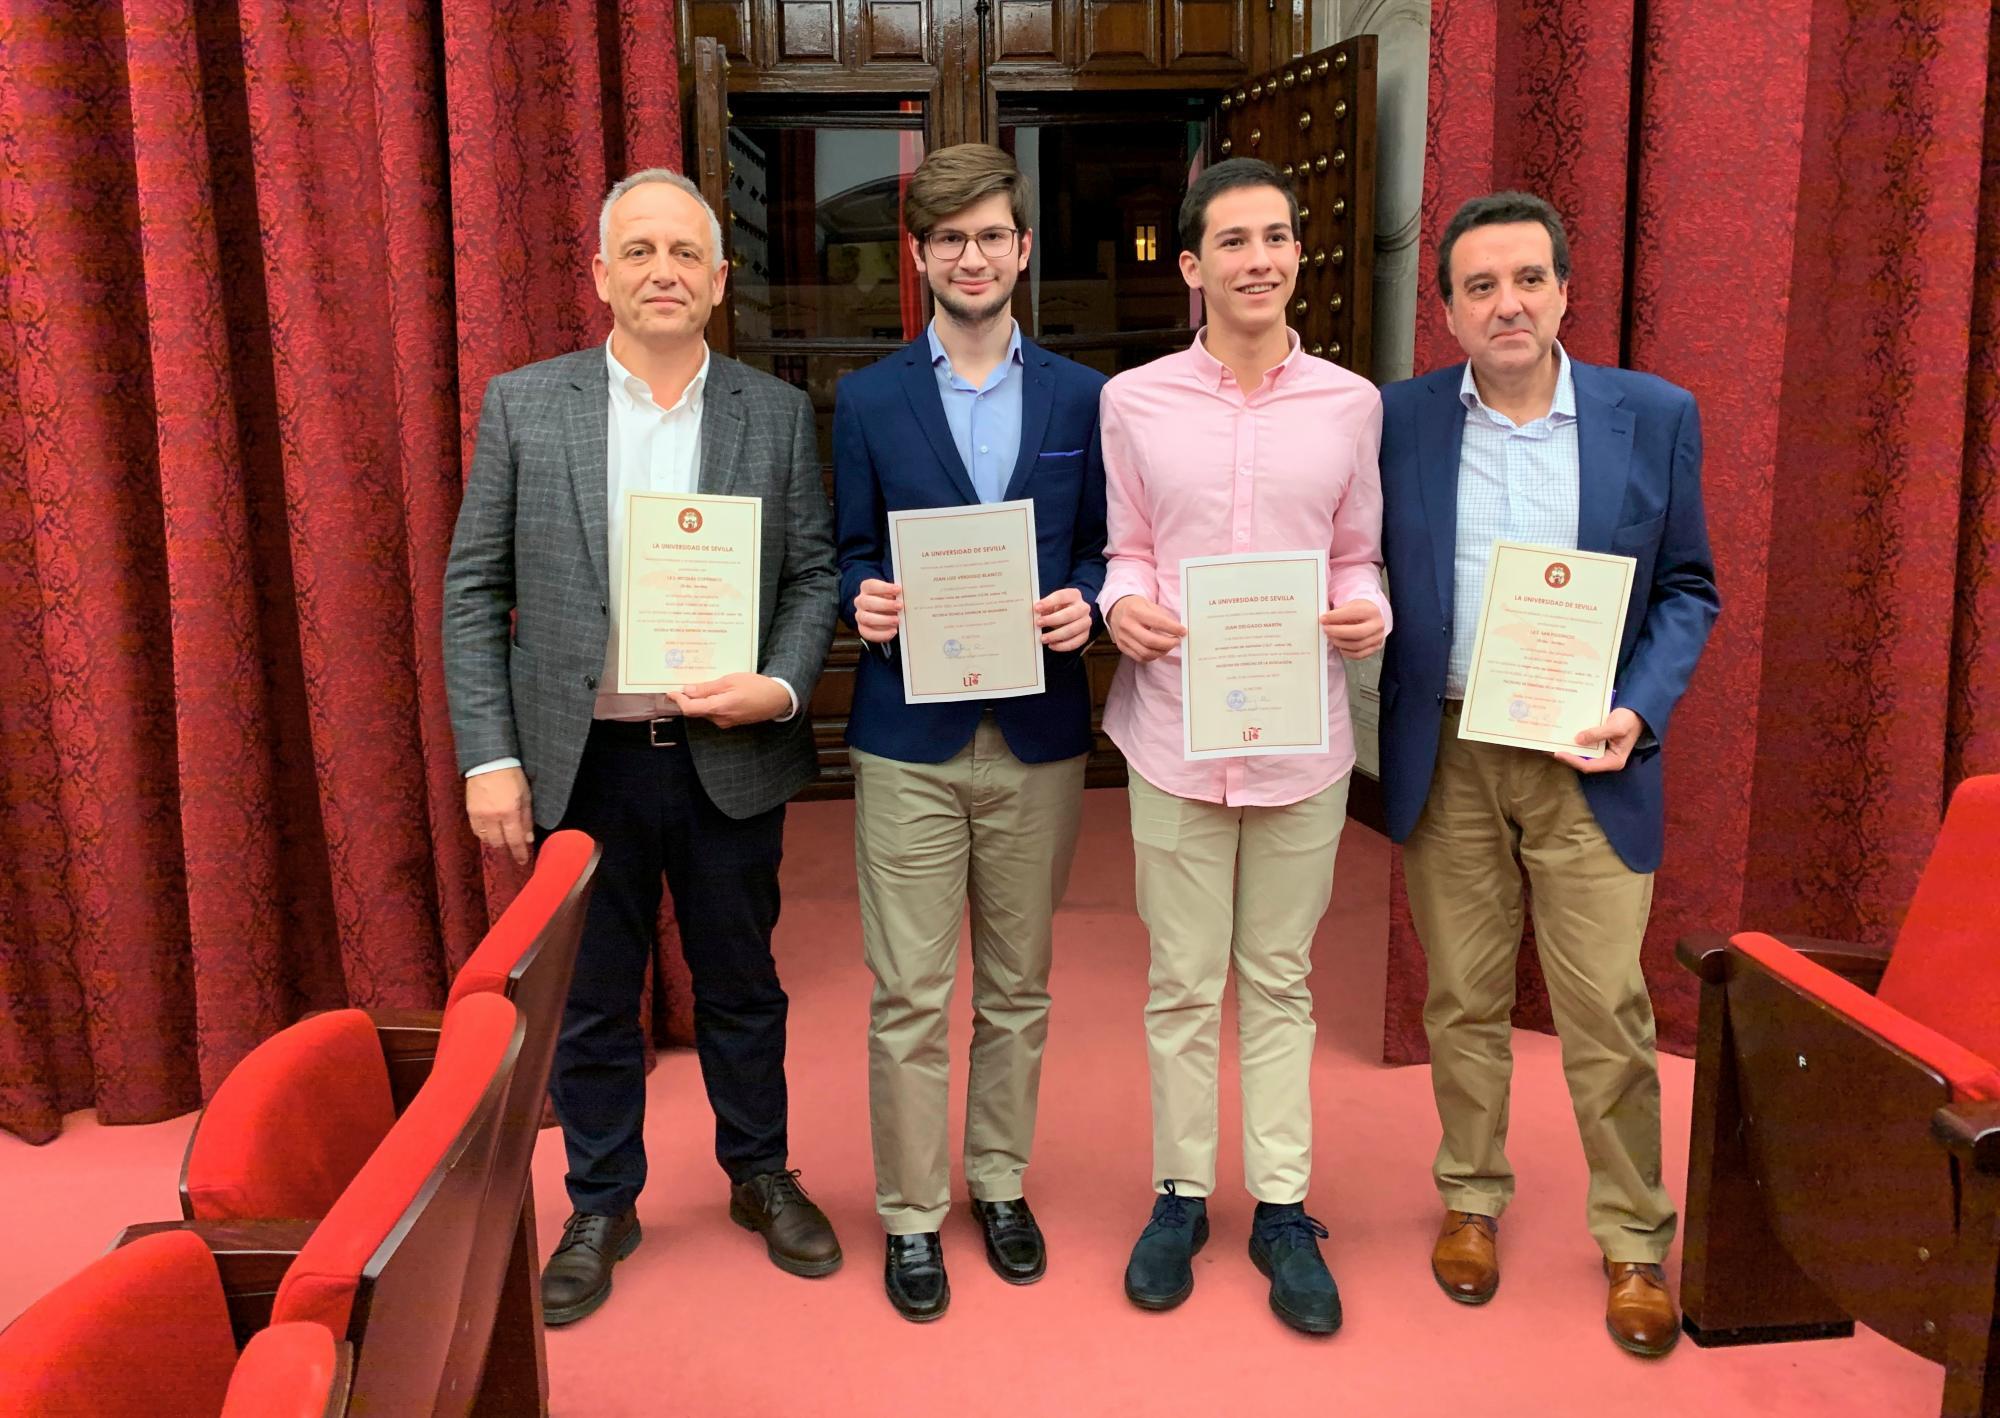 Juan Luis Verdugo Blanco, alumno del IES Nicolás Copérnico, recibe el reconocimiento de la Universidad de Sevilla por la nota obtenida en Selectividad